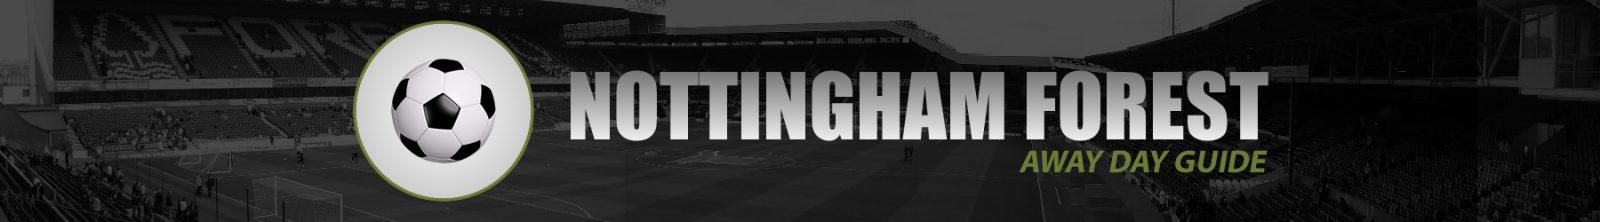 Nottingham Forest Away